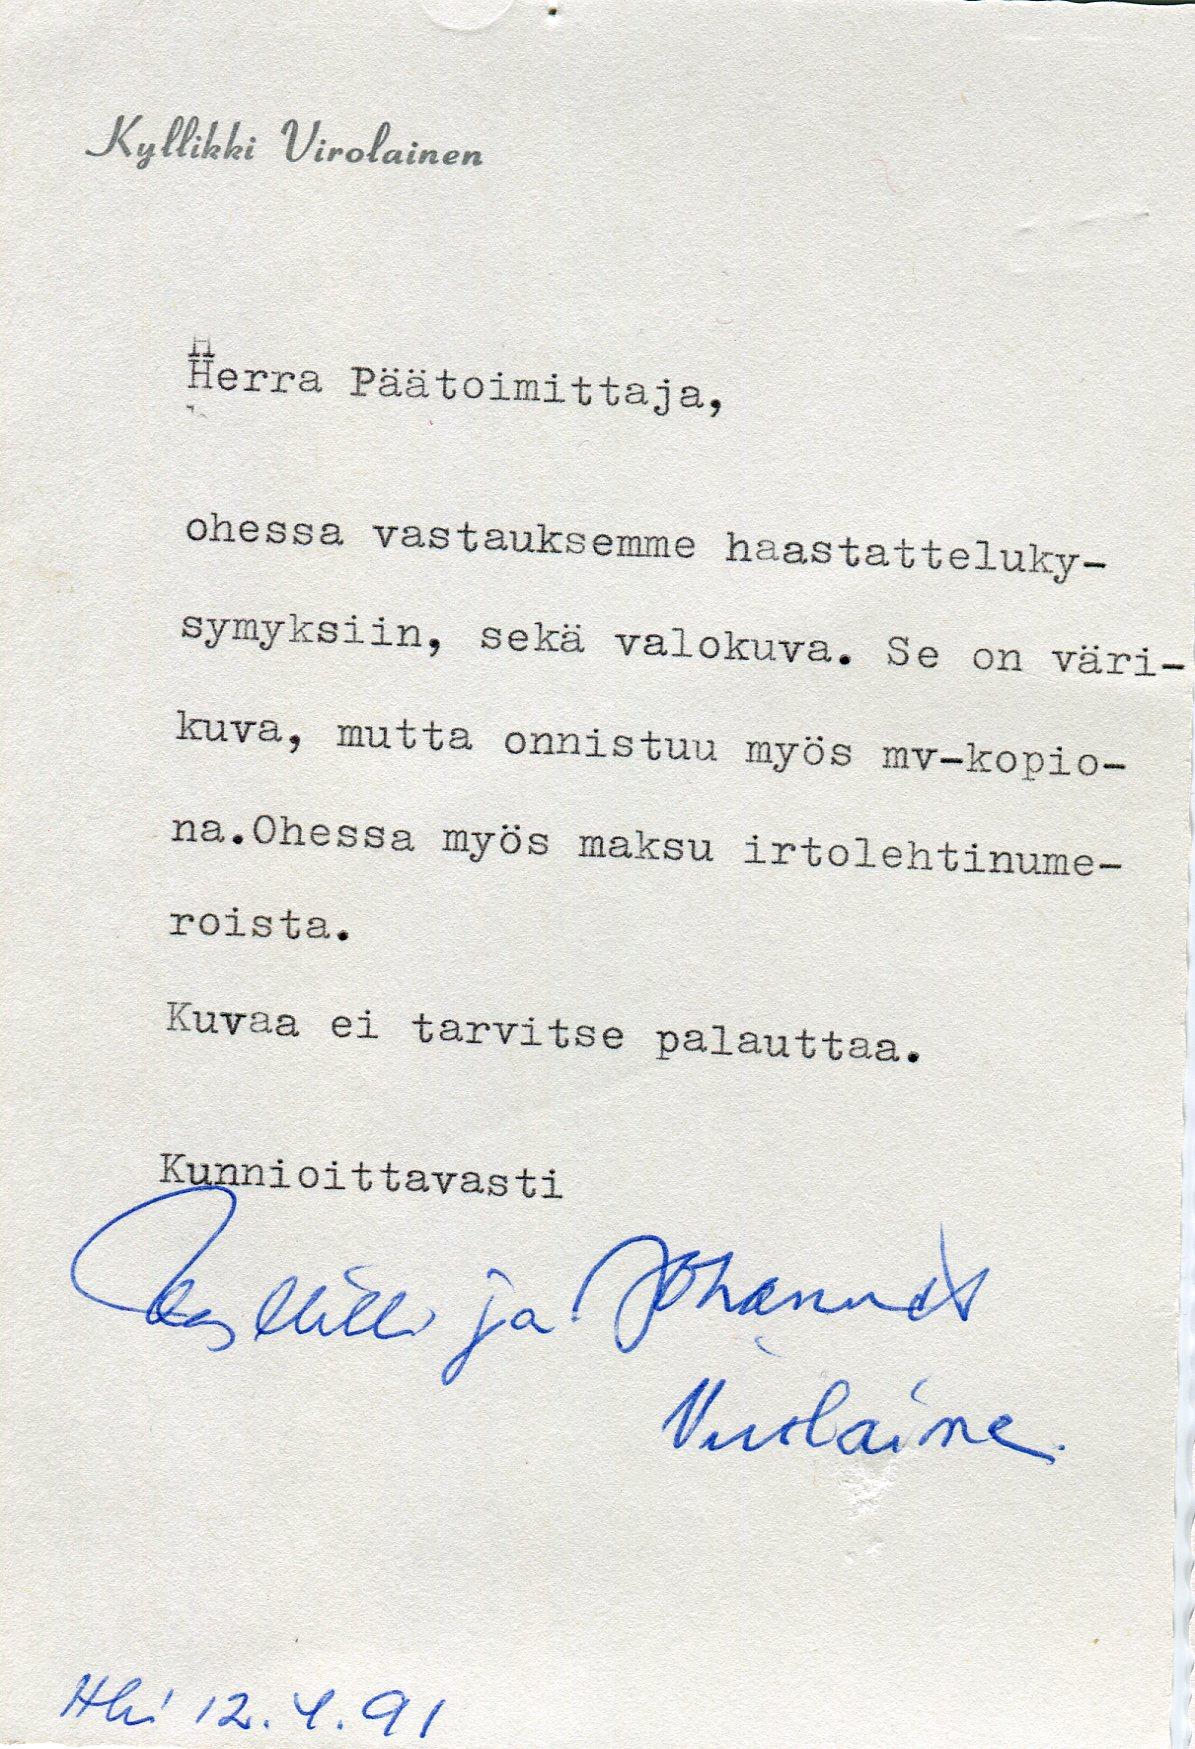 Kirje_Kyllikki2017